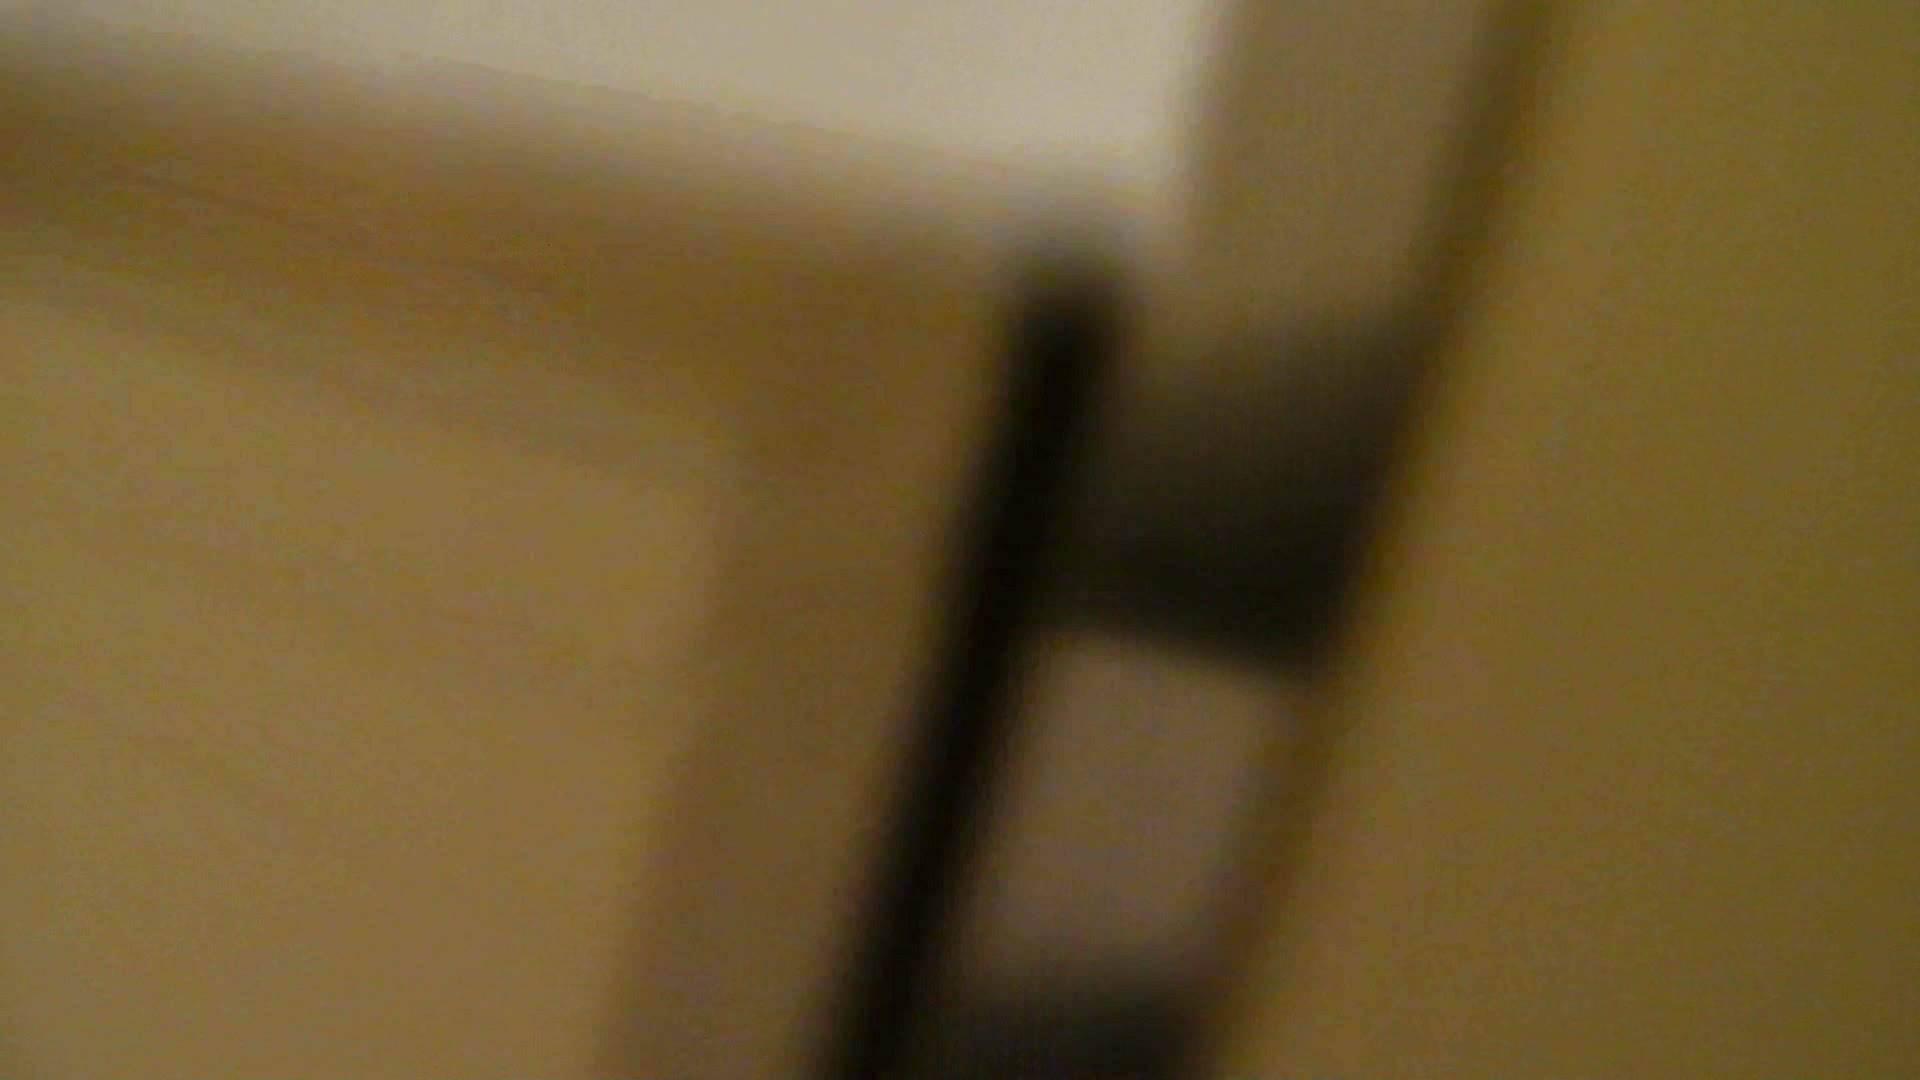 洗寿観音さんの 化粧室は四面楚歌Nol.4 洗面所 | 色っぽいOL達  104pic 33